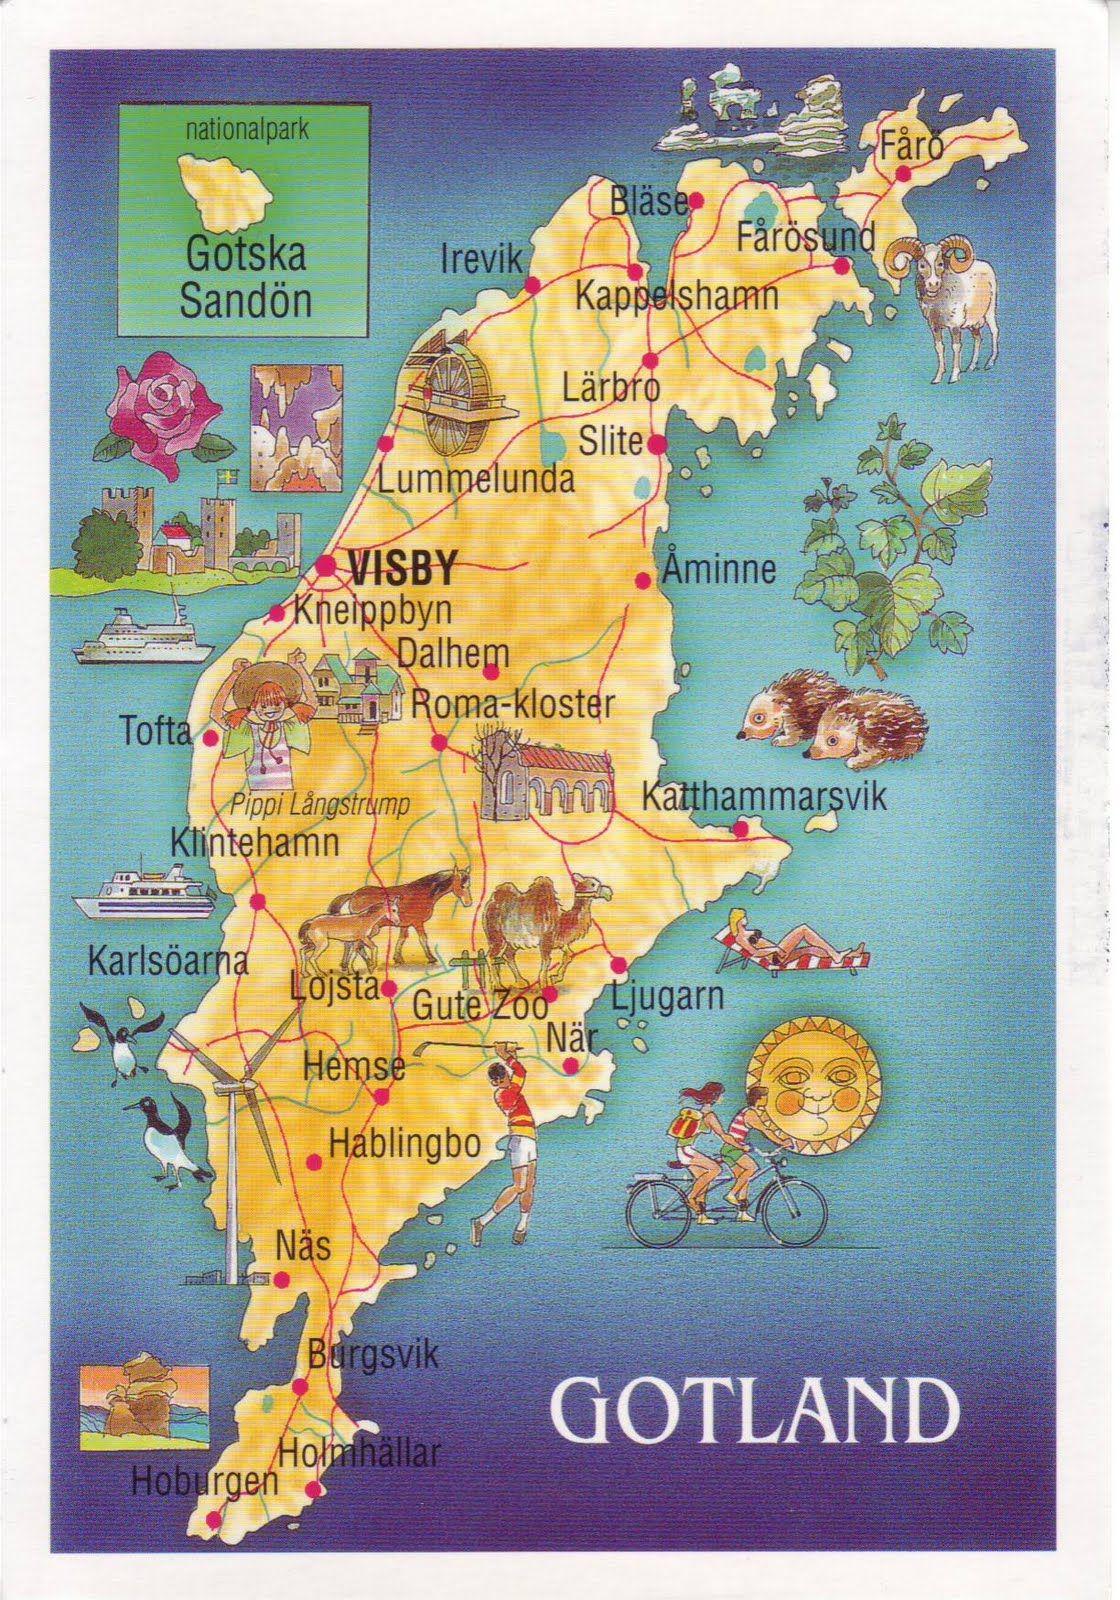 Gotland Sweden Map Bing Images Gotland Resor Sverige